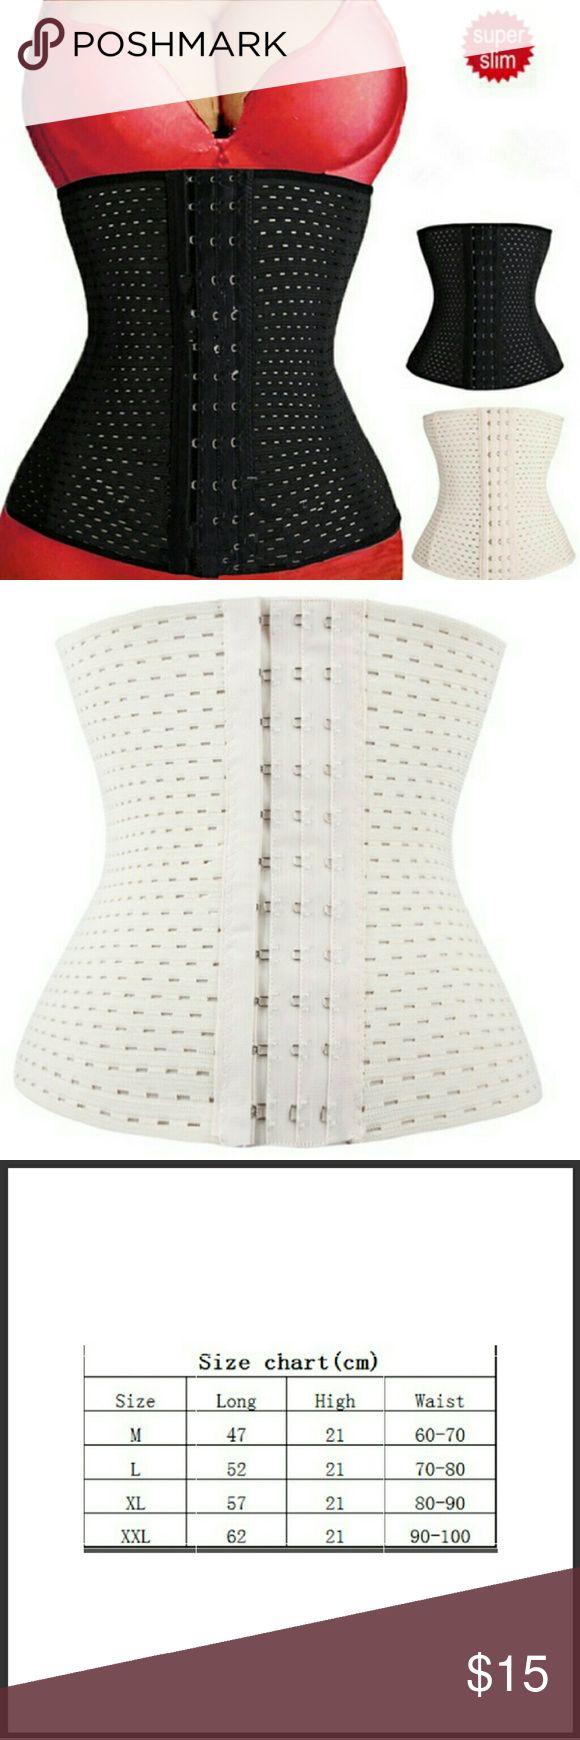 Waste slimming corset Waste slimming corset Intimates & Sleepwear Shapewear